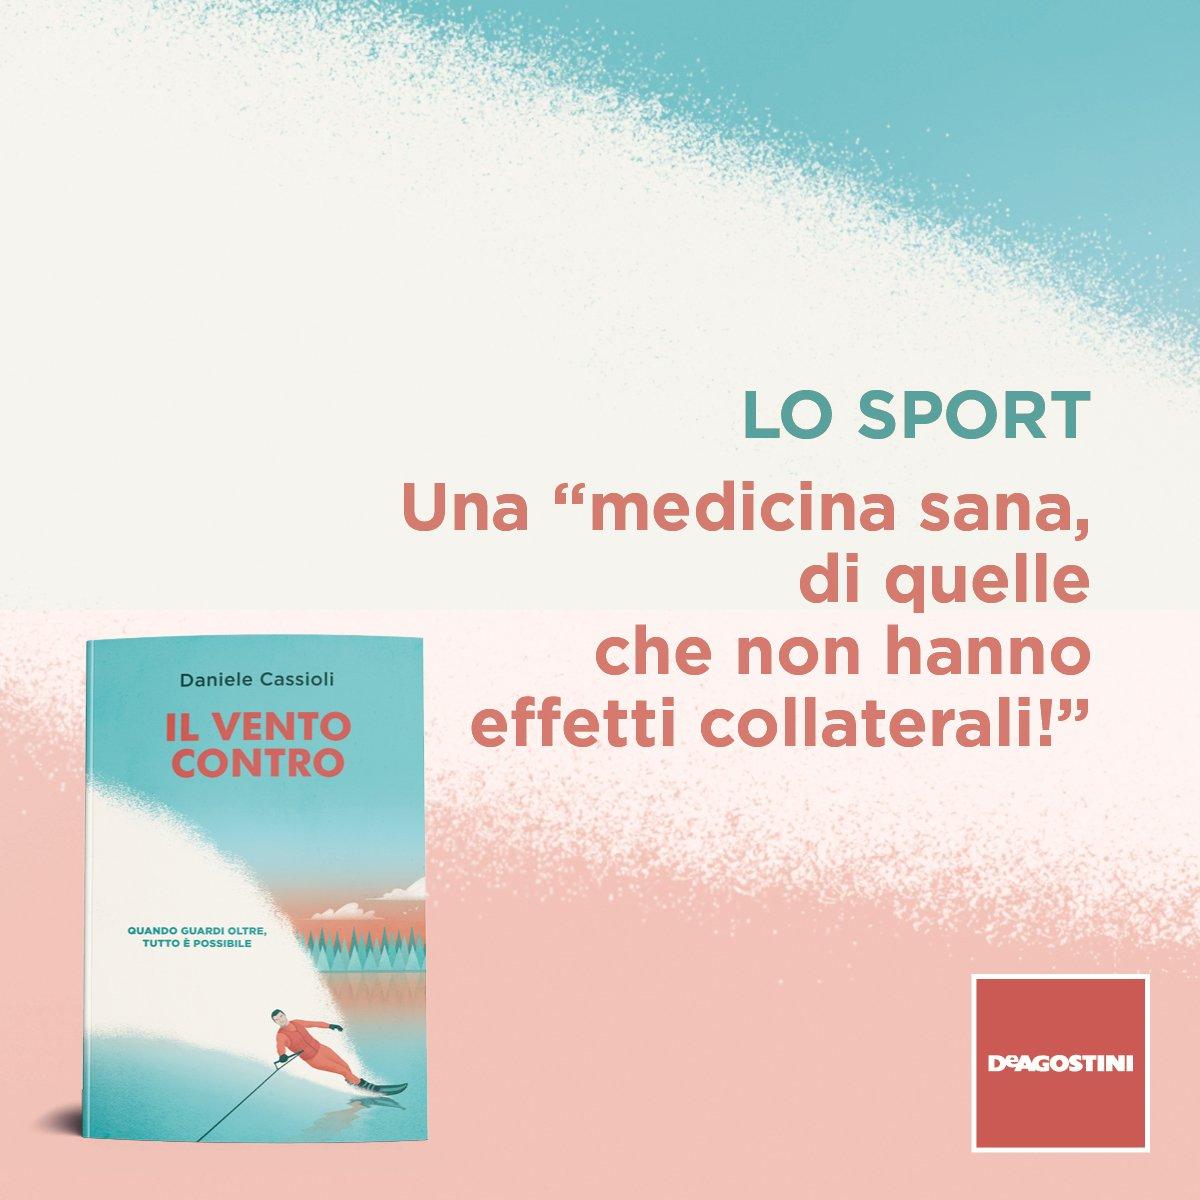 """Nei ringraziamenti del suo libro """"Il vento contro"""", Daniele Cassioli scrive una lettera allo Sport per far conoscere a tutti quanto è stato importante per lui.  http://bit.ly/IlVentoContro"""